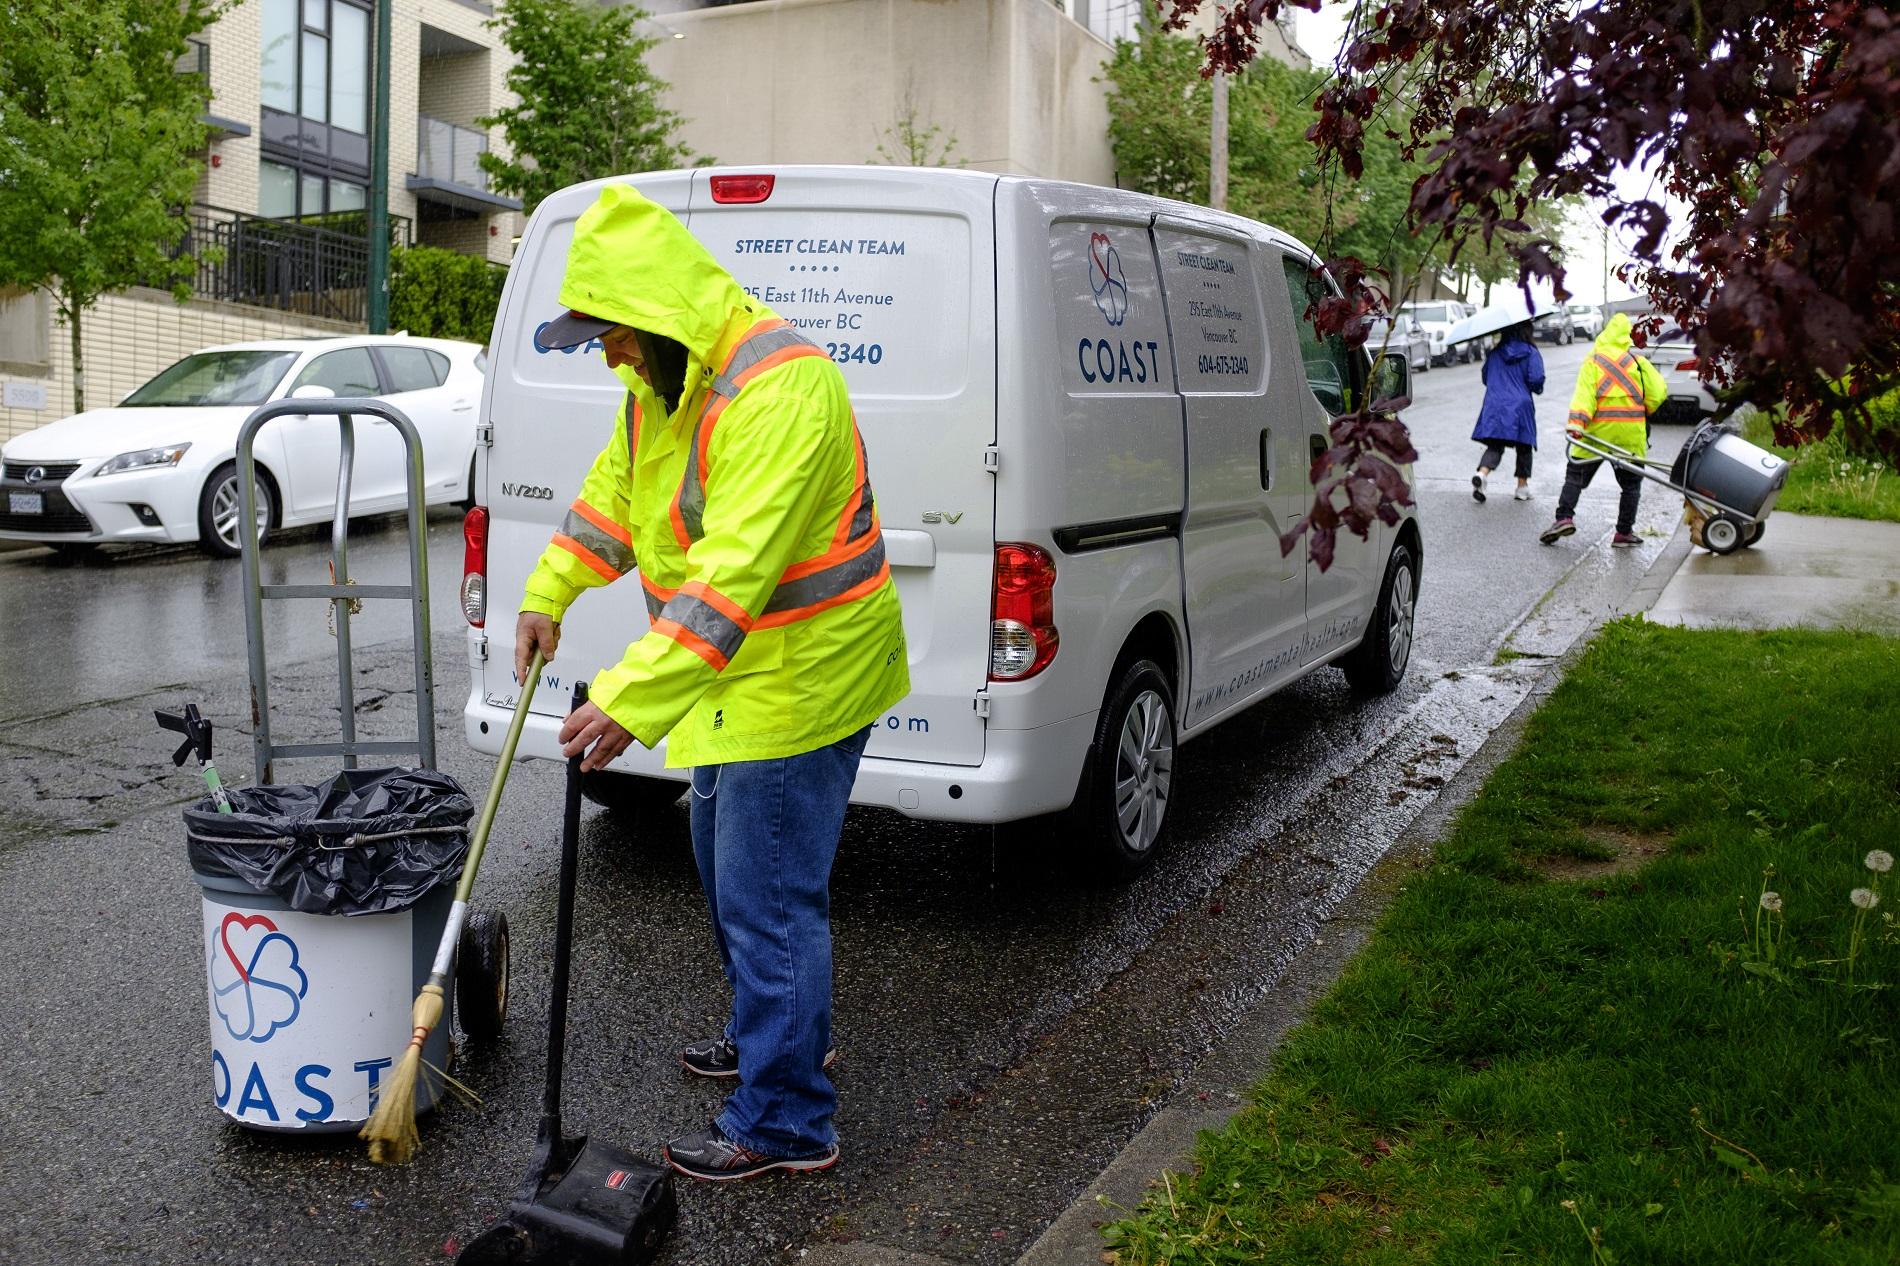 Street Clean Team